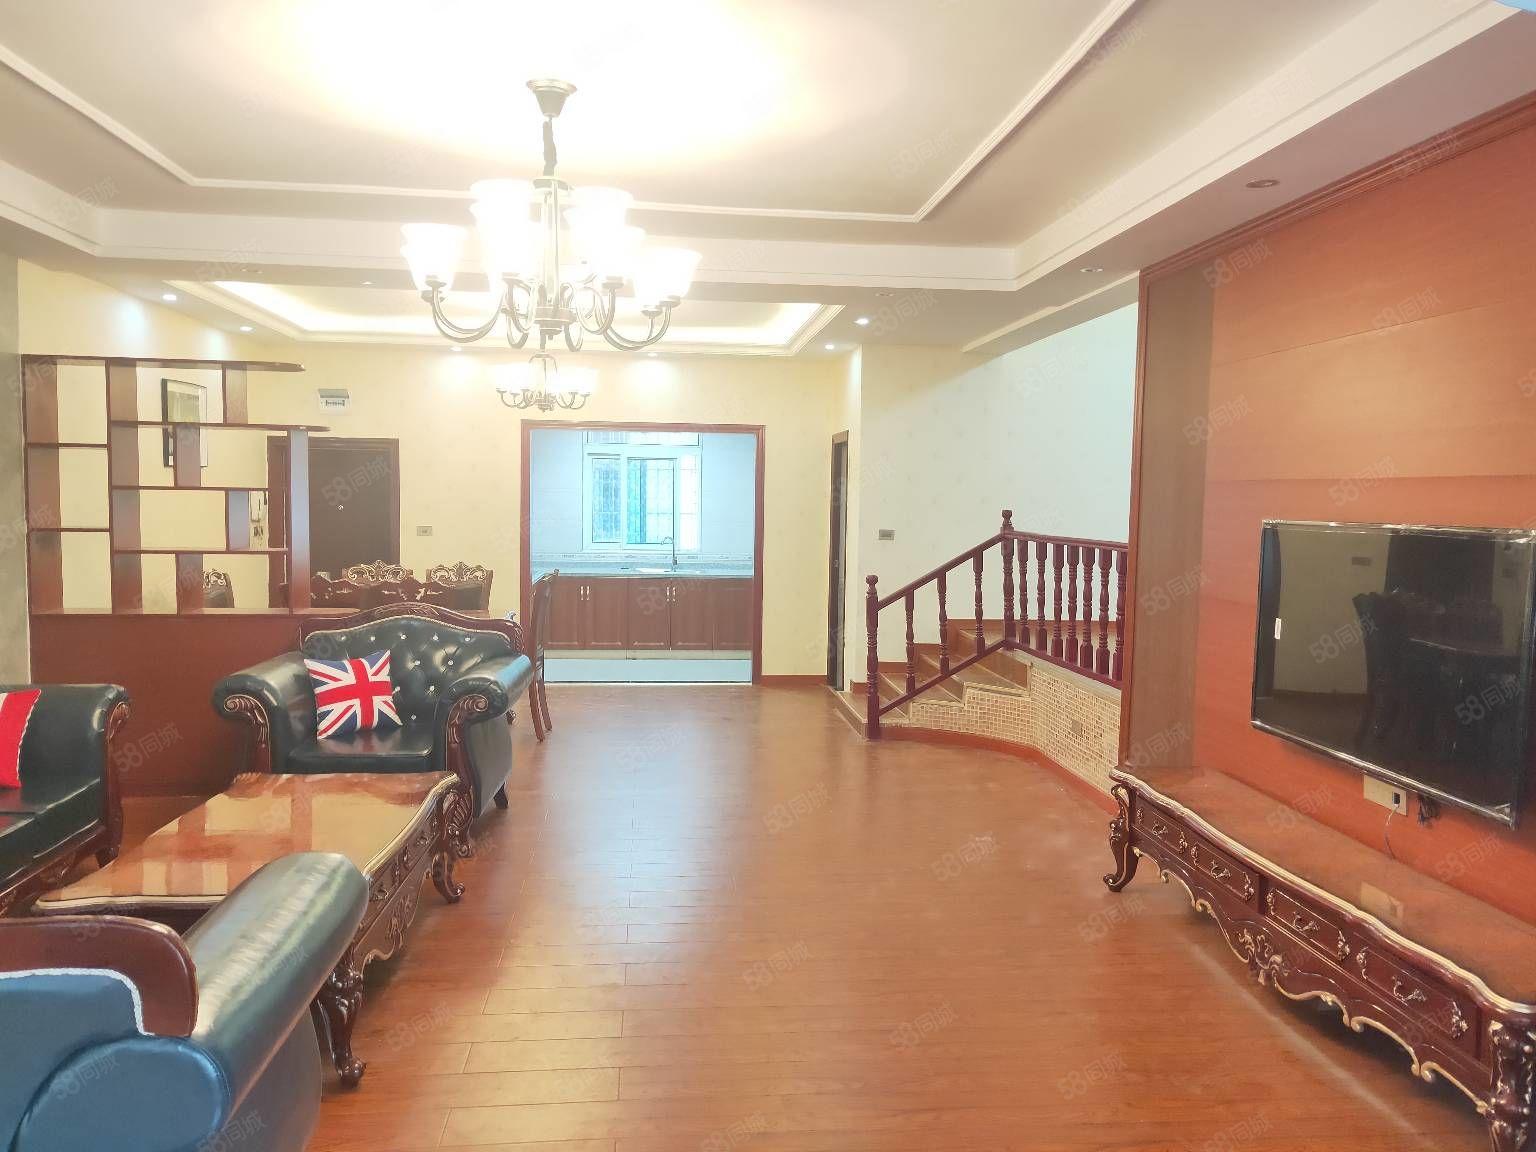 锦天小区,实木家具,豪华全新装修,停车方便,件证齐全,可按揭